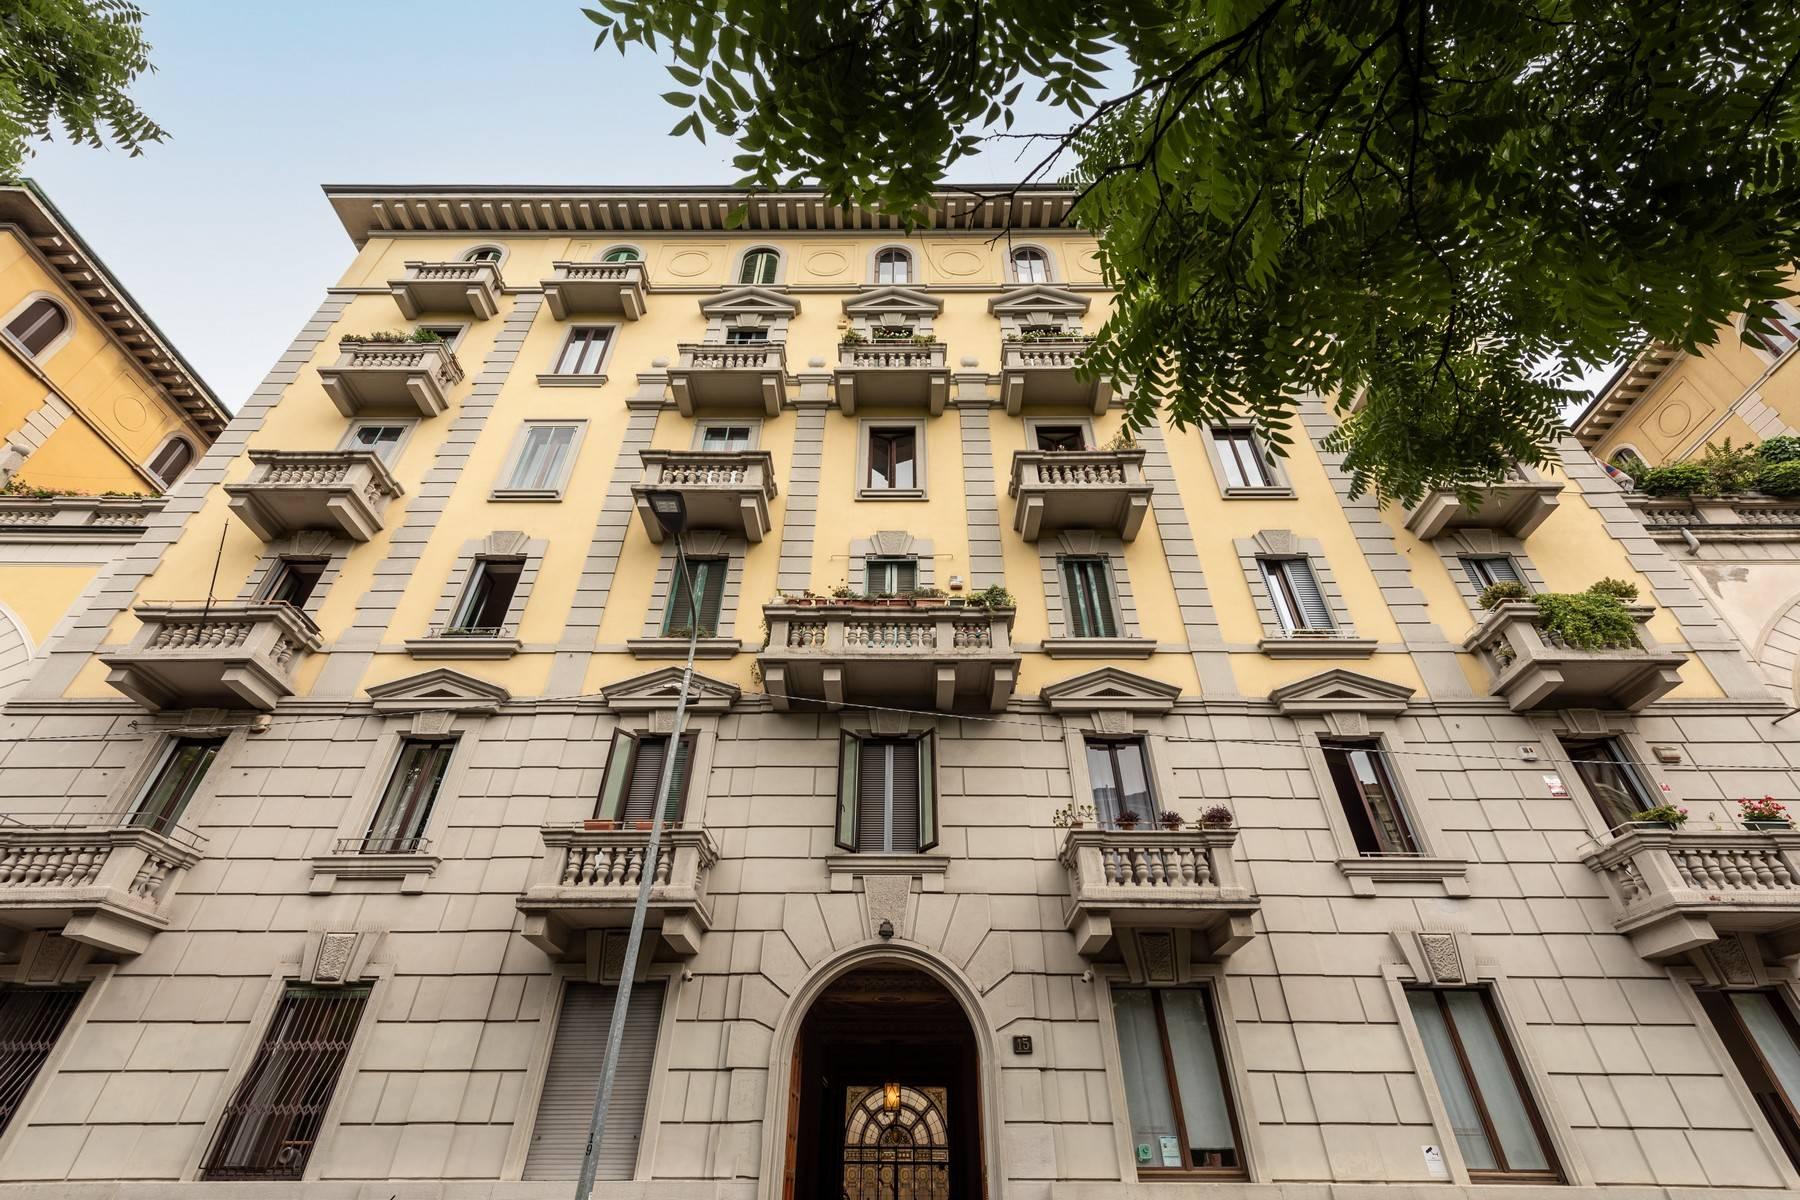 Attico in Vendita a Milano: 4 locali, 149 mq - Foto 13